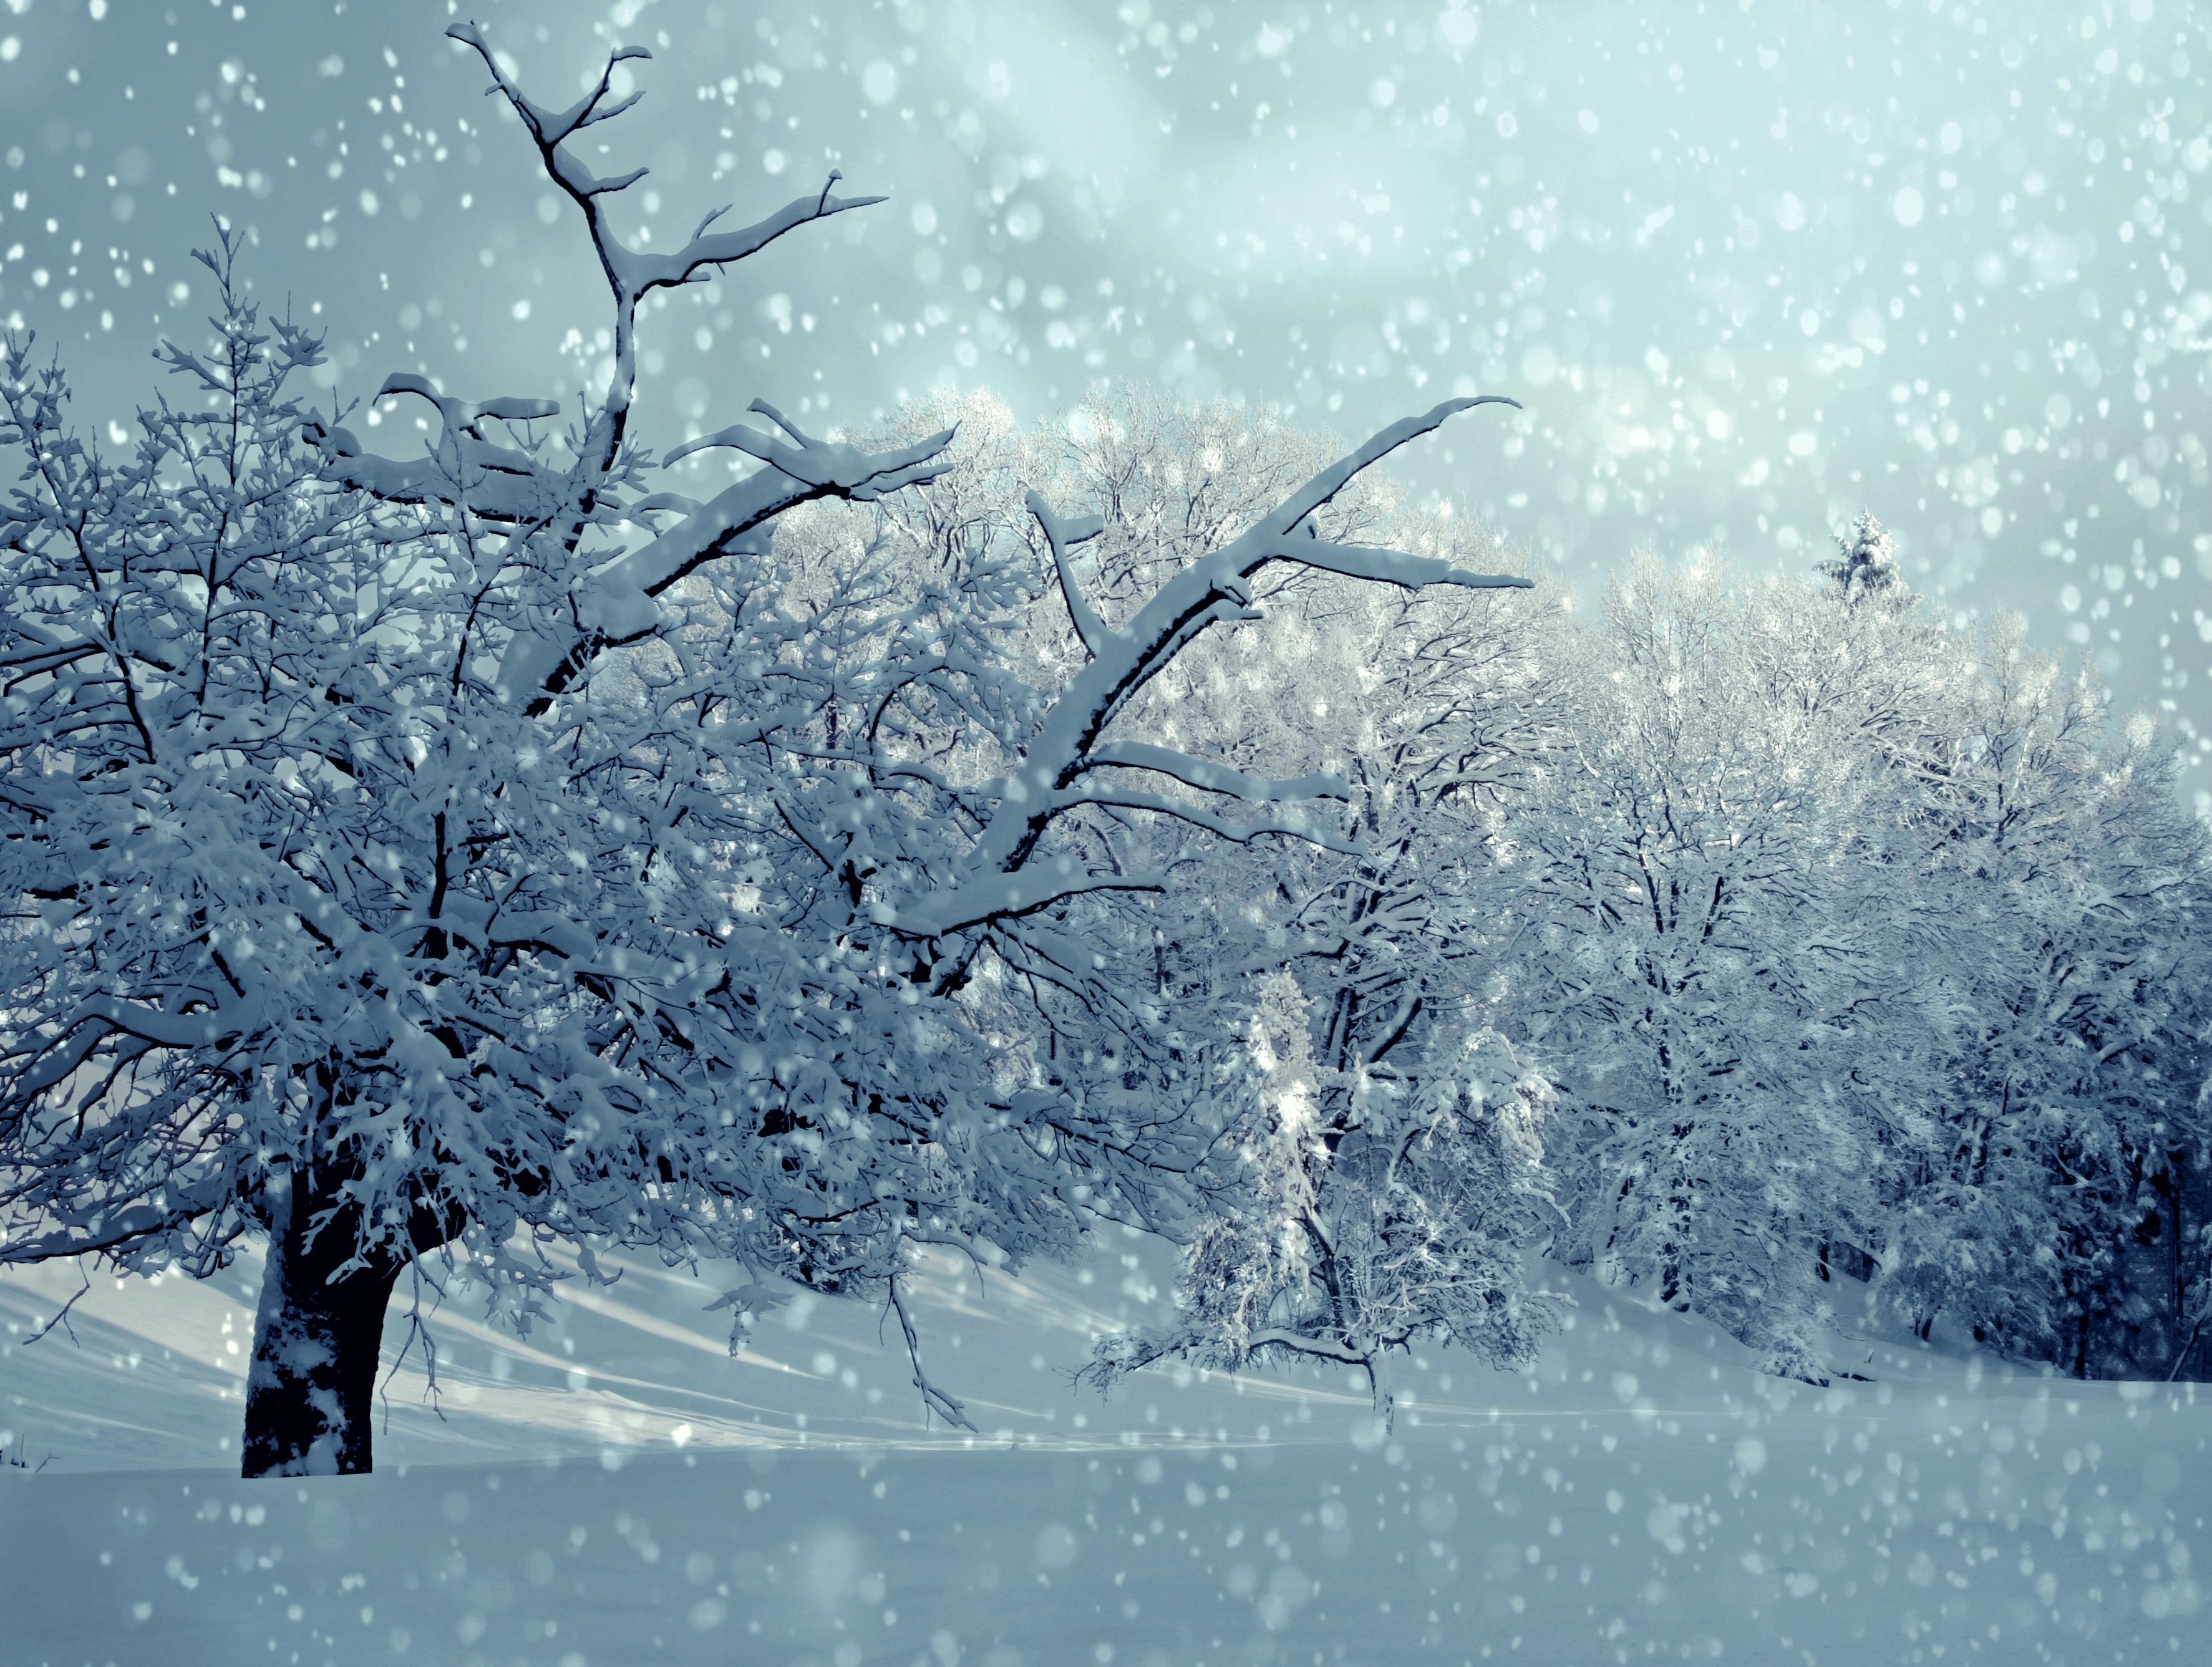 таком снежная погода картинка чудесный